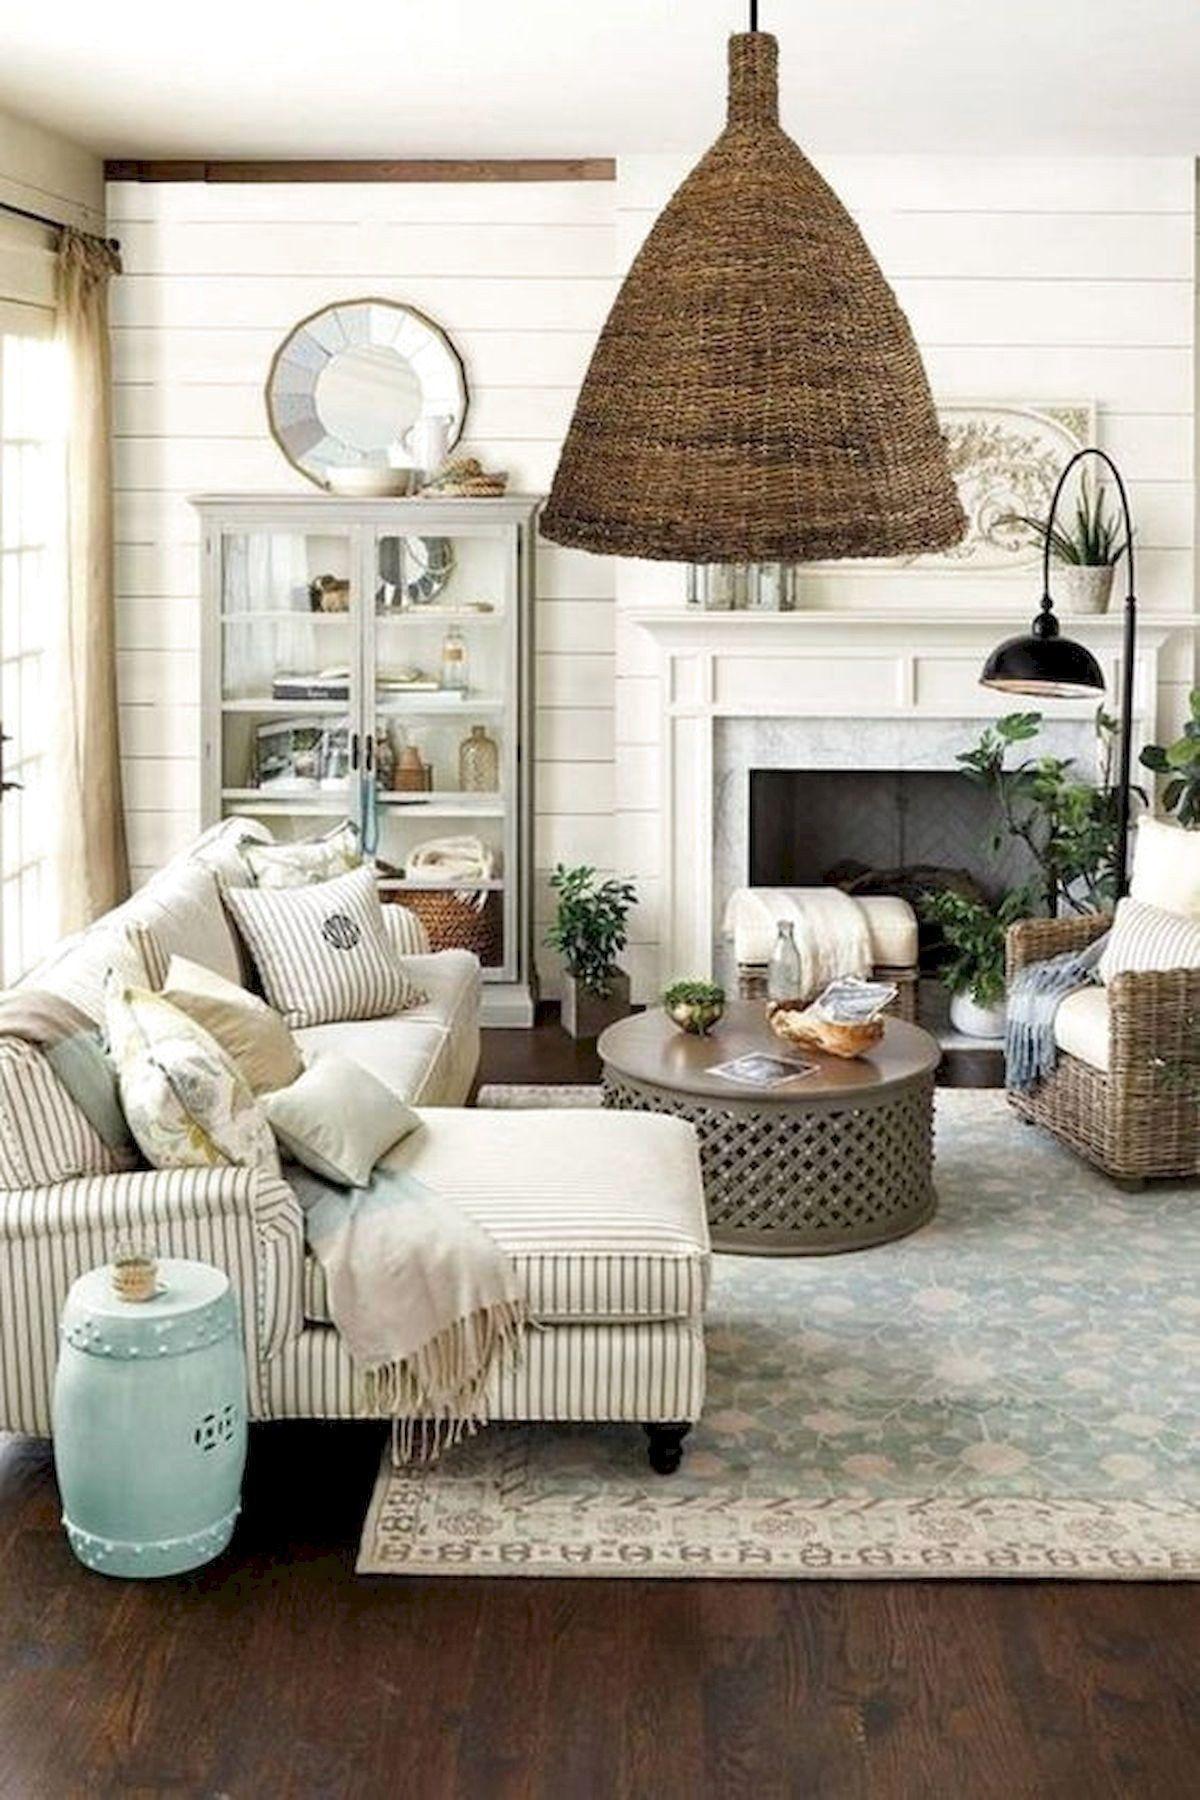 100 Best Farmhouse Living Room Decor Ideas 60 Home Decor